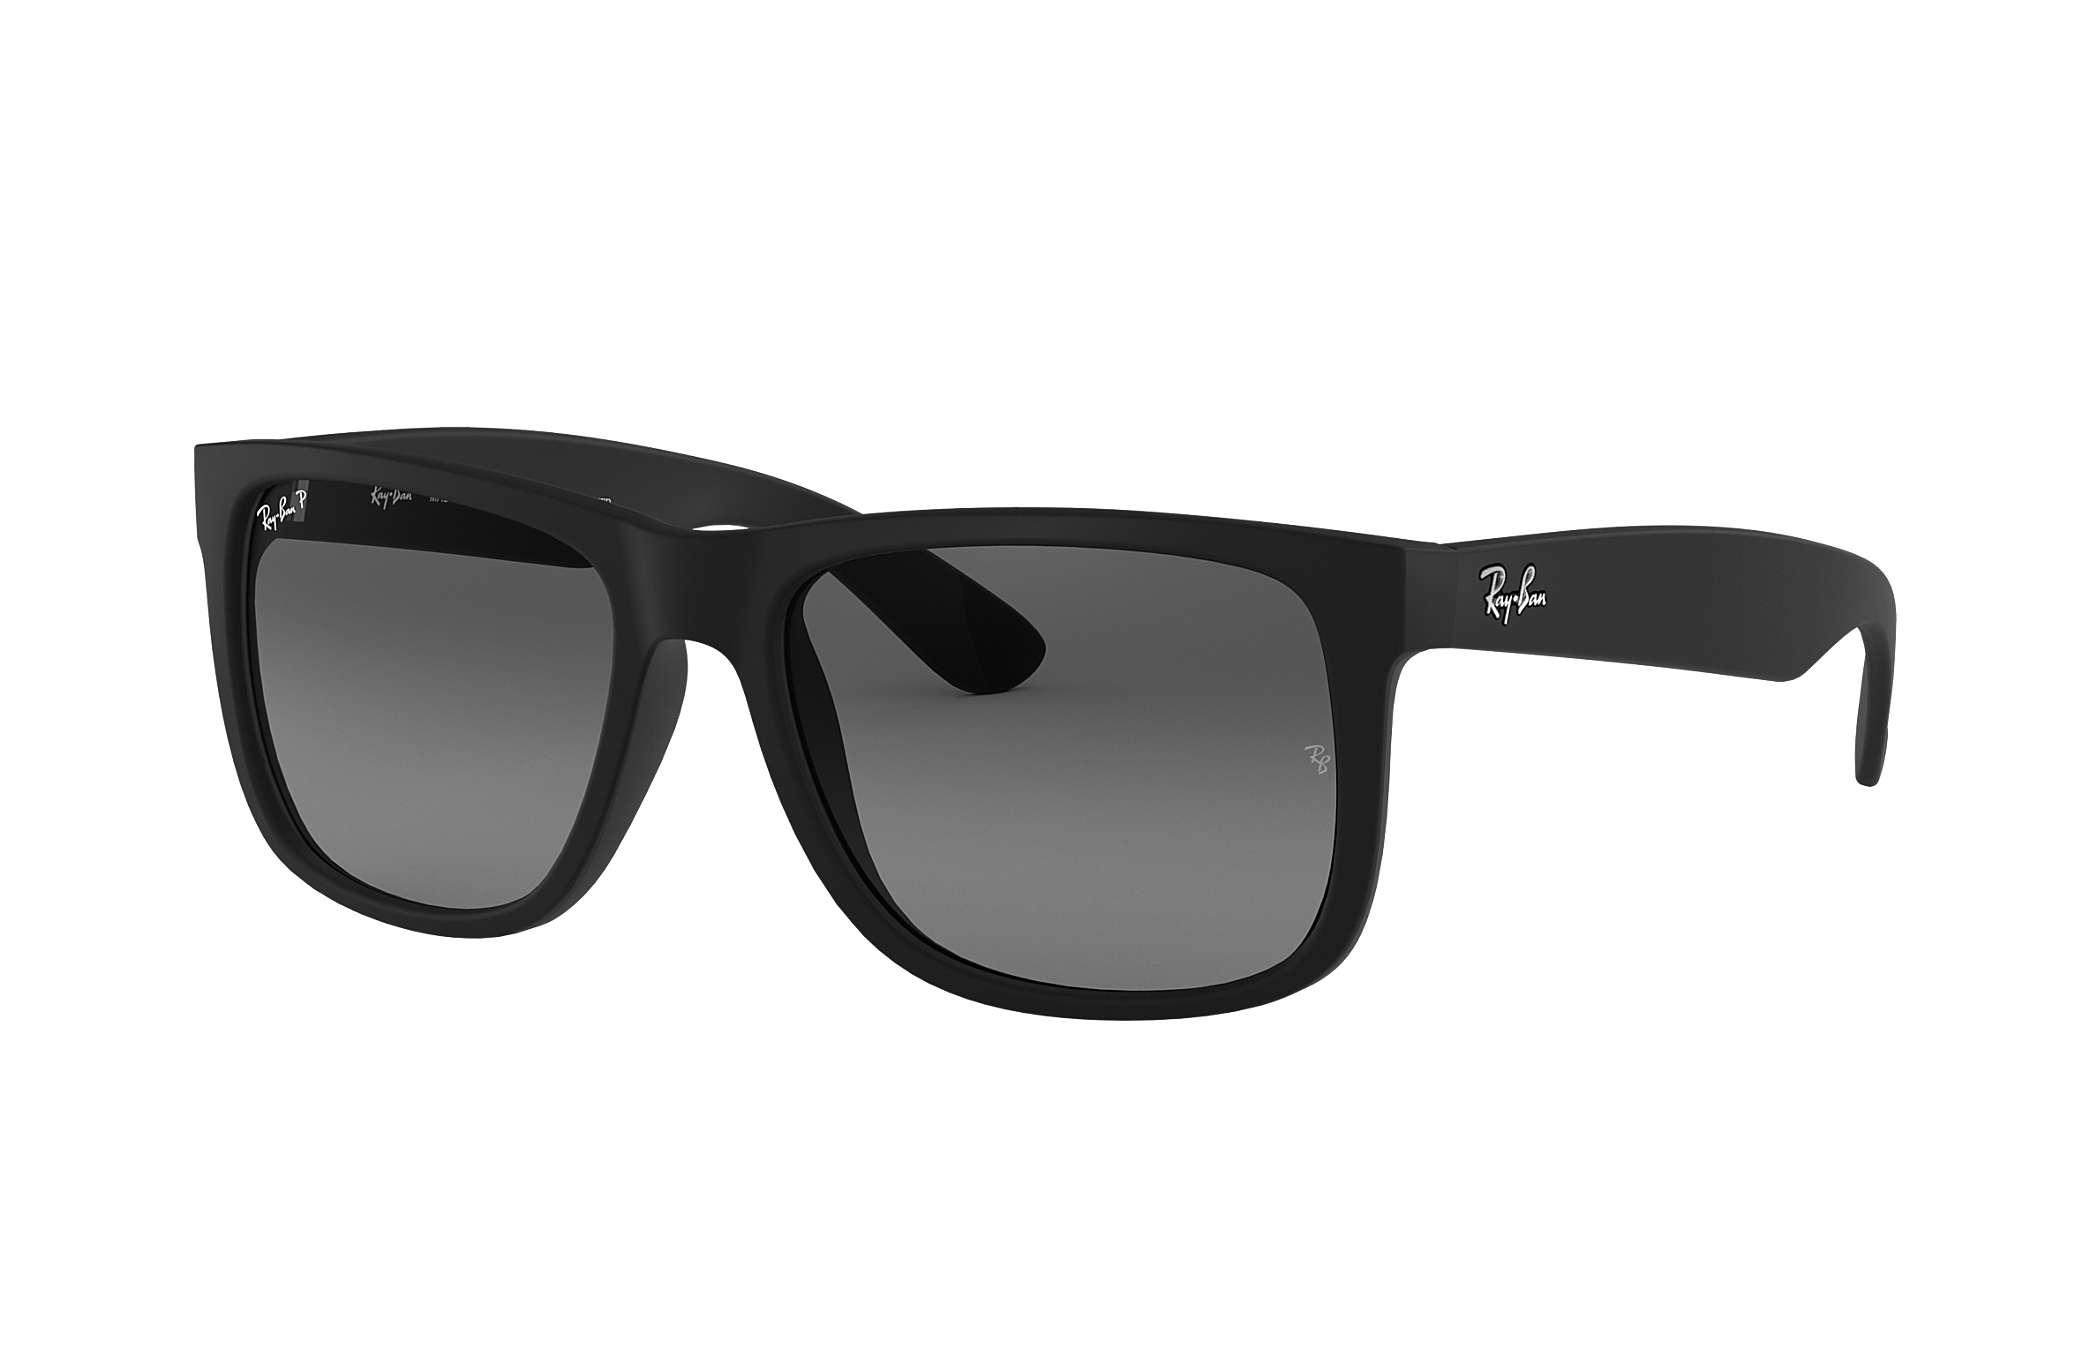 e803361bb1652 Óculos de sol Justin  a coleção   Ray-Ban® Brasil